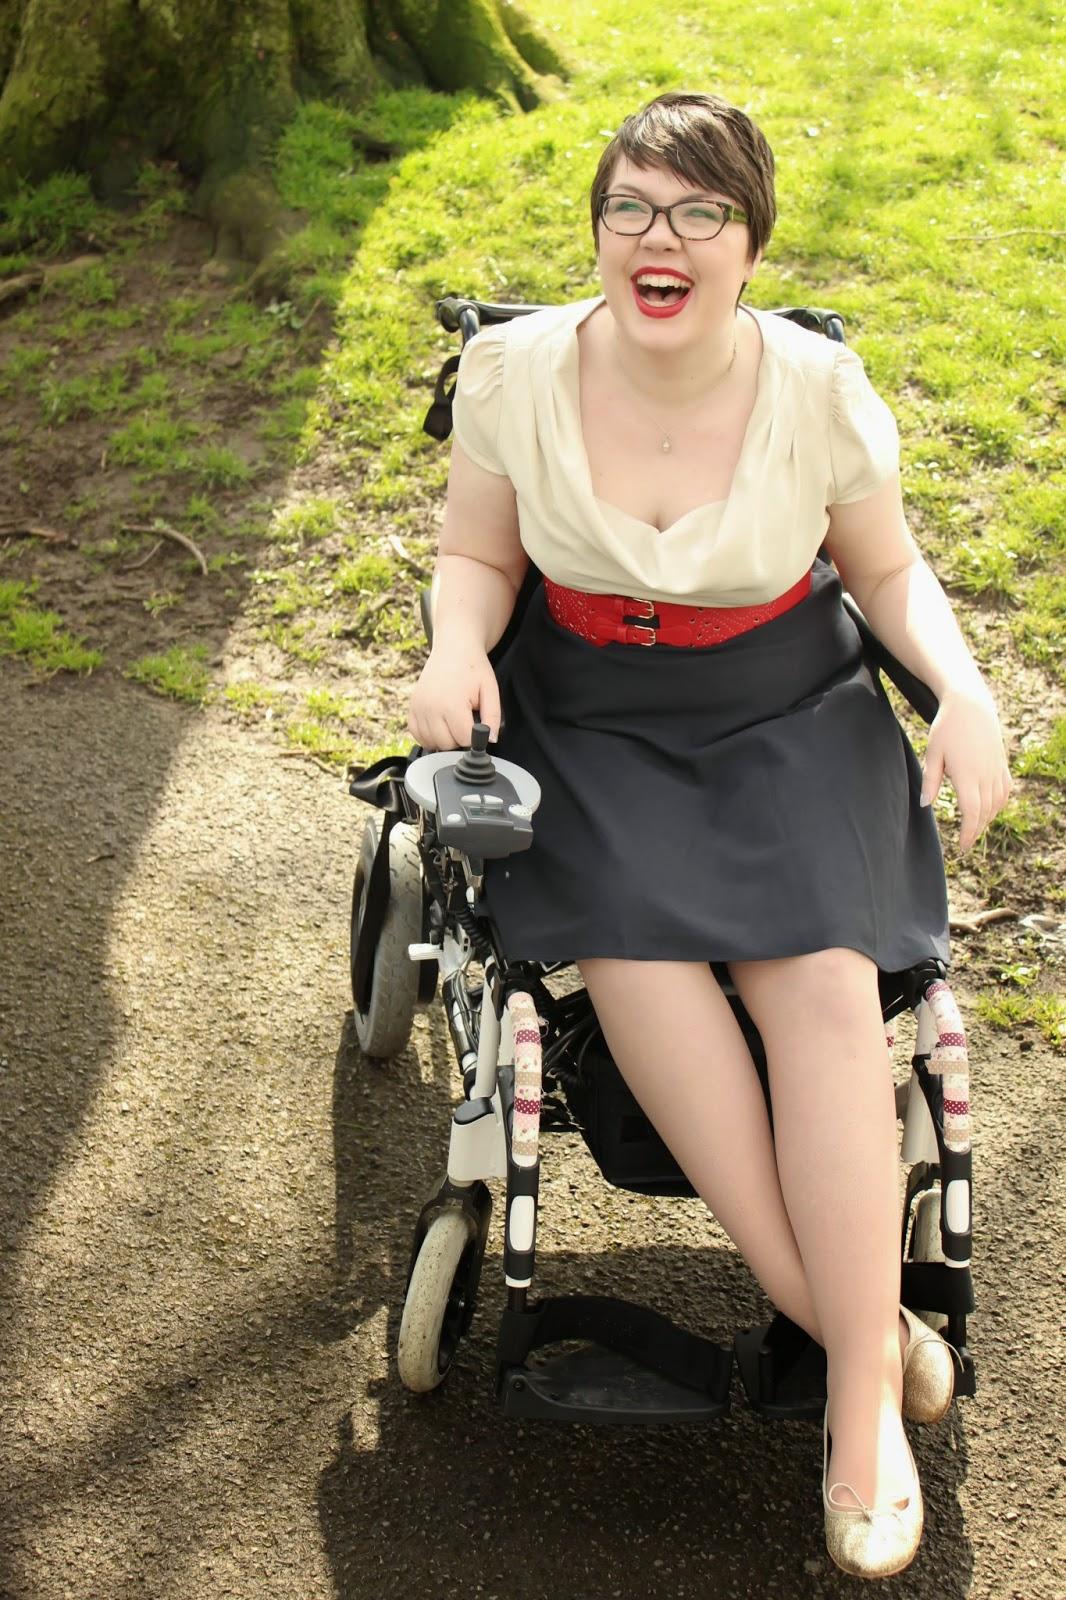 Wheelchair Hot Wheels Non Slip Cushions For Chairs Fashion 39hot 39 Wheelingalong24